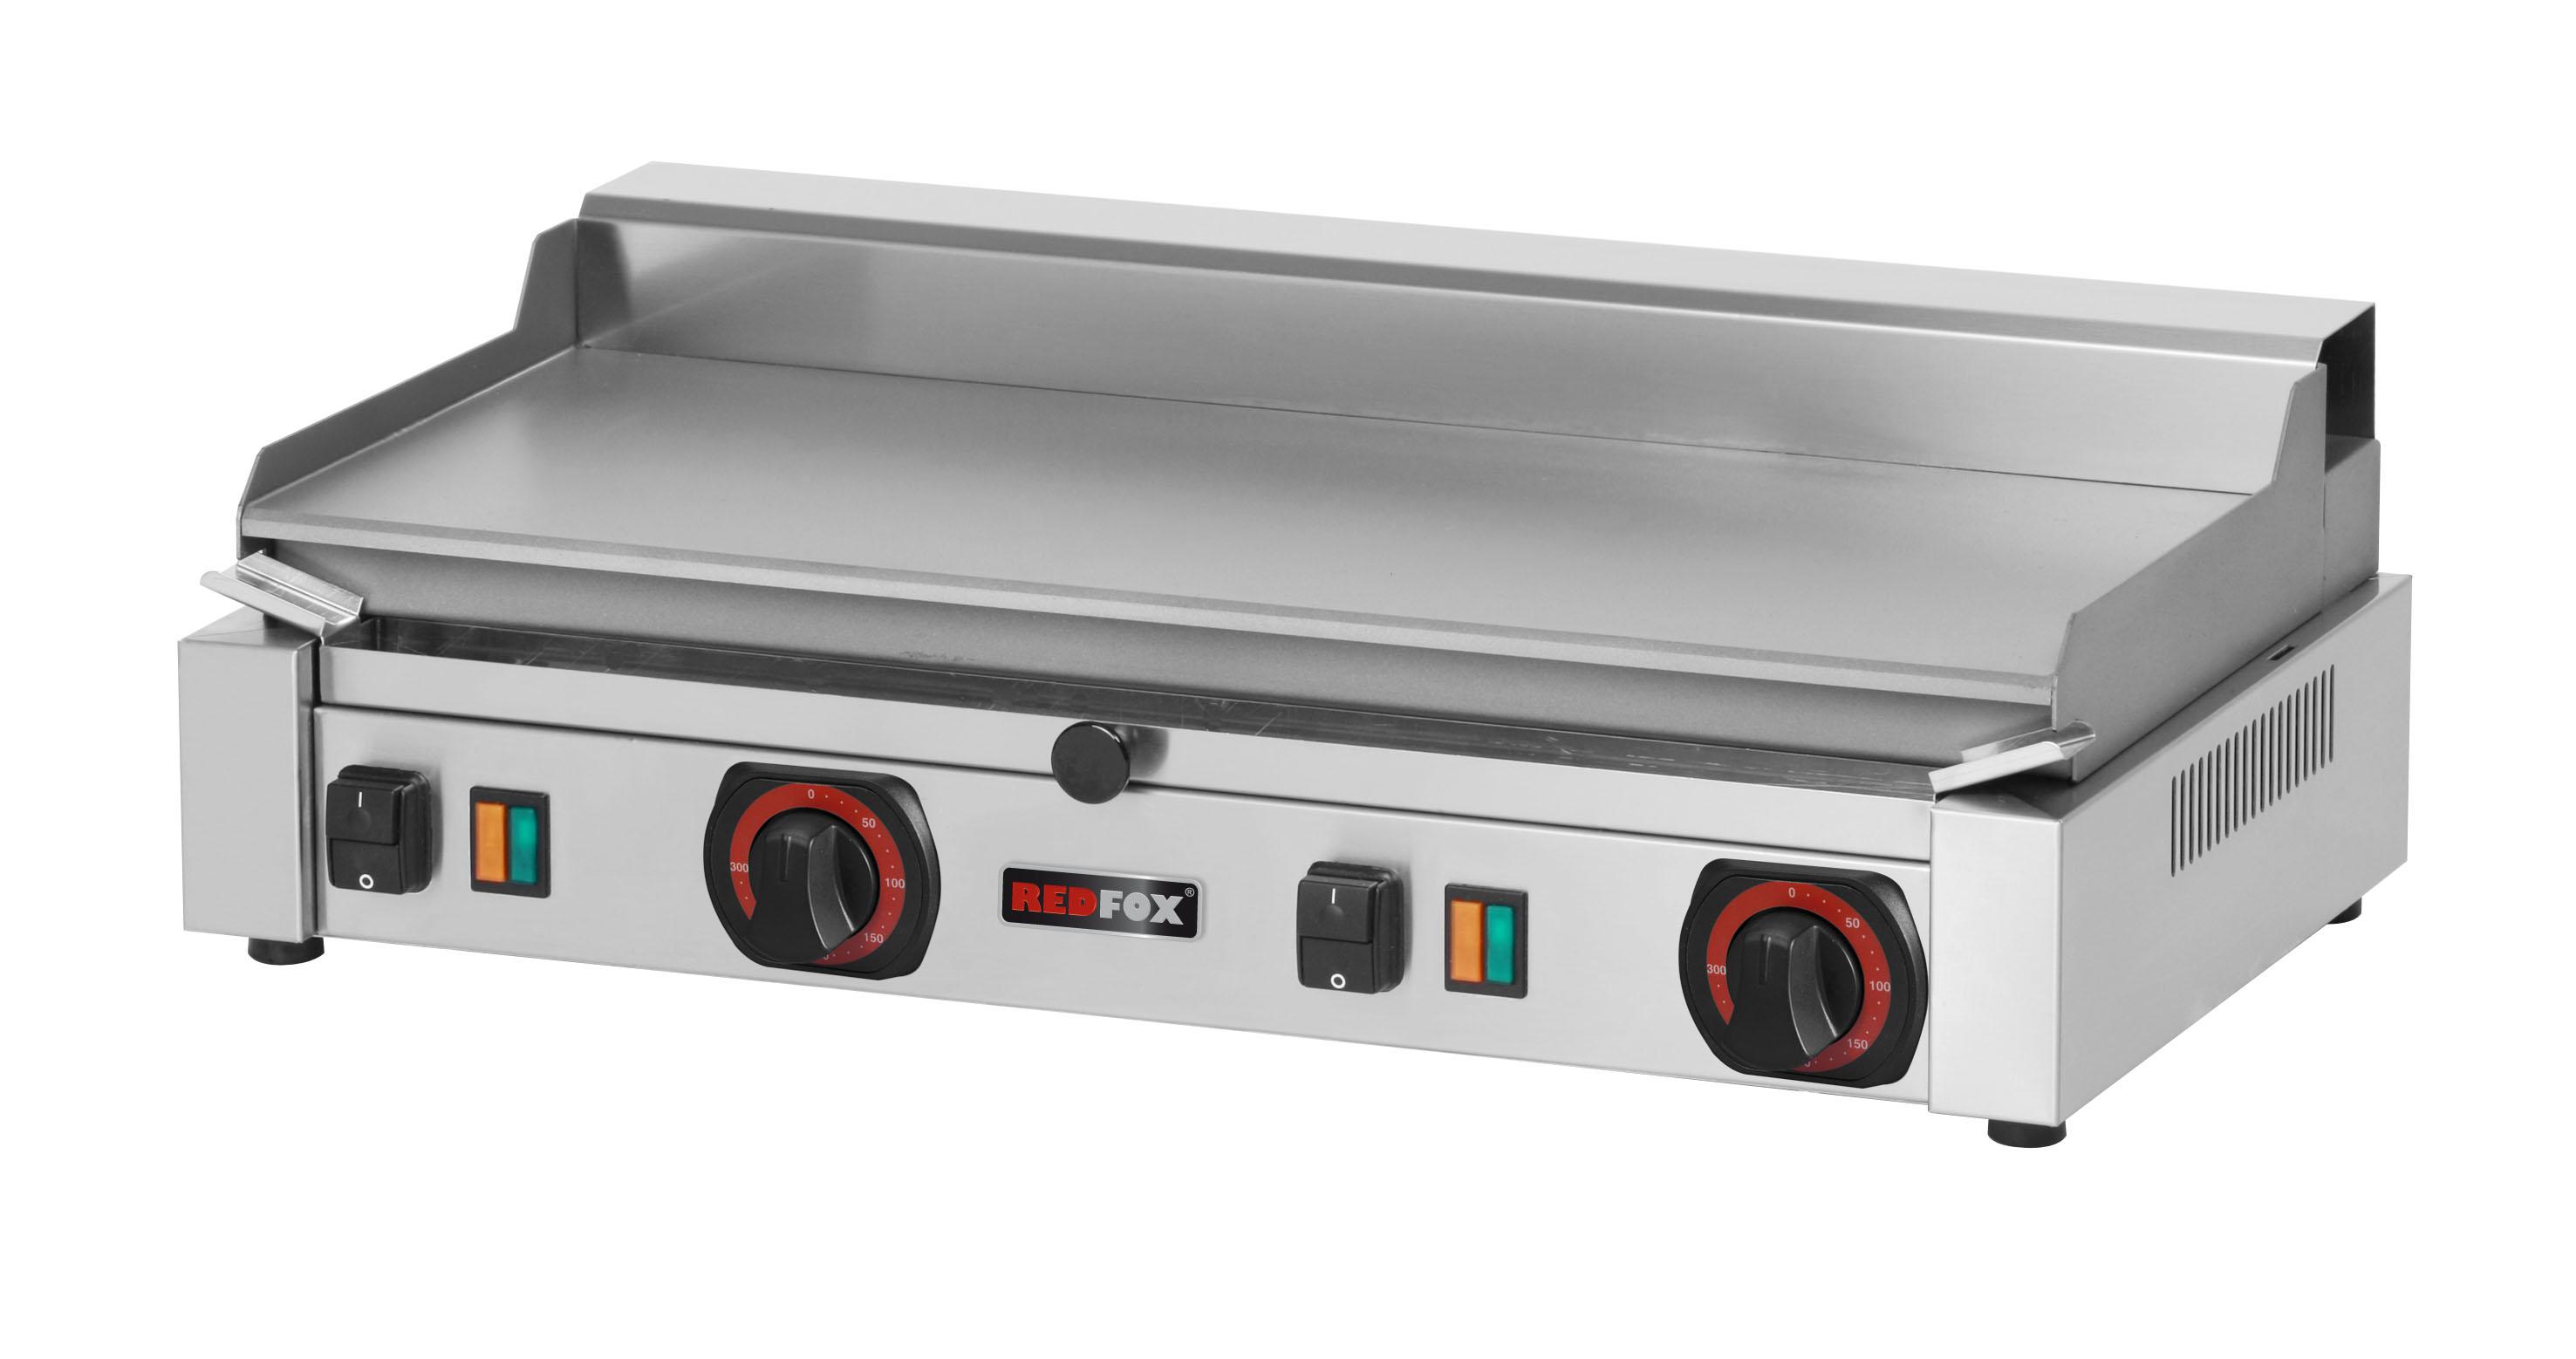 Deska grilovací elektrická PD 2020 BL hladká ocelová RedFox